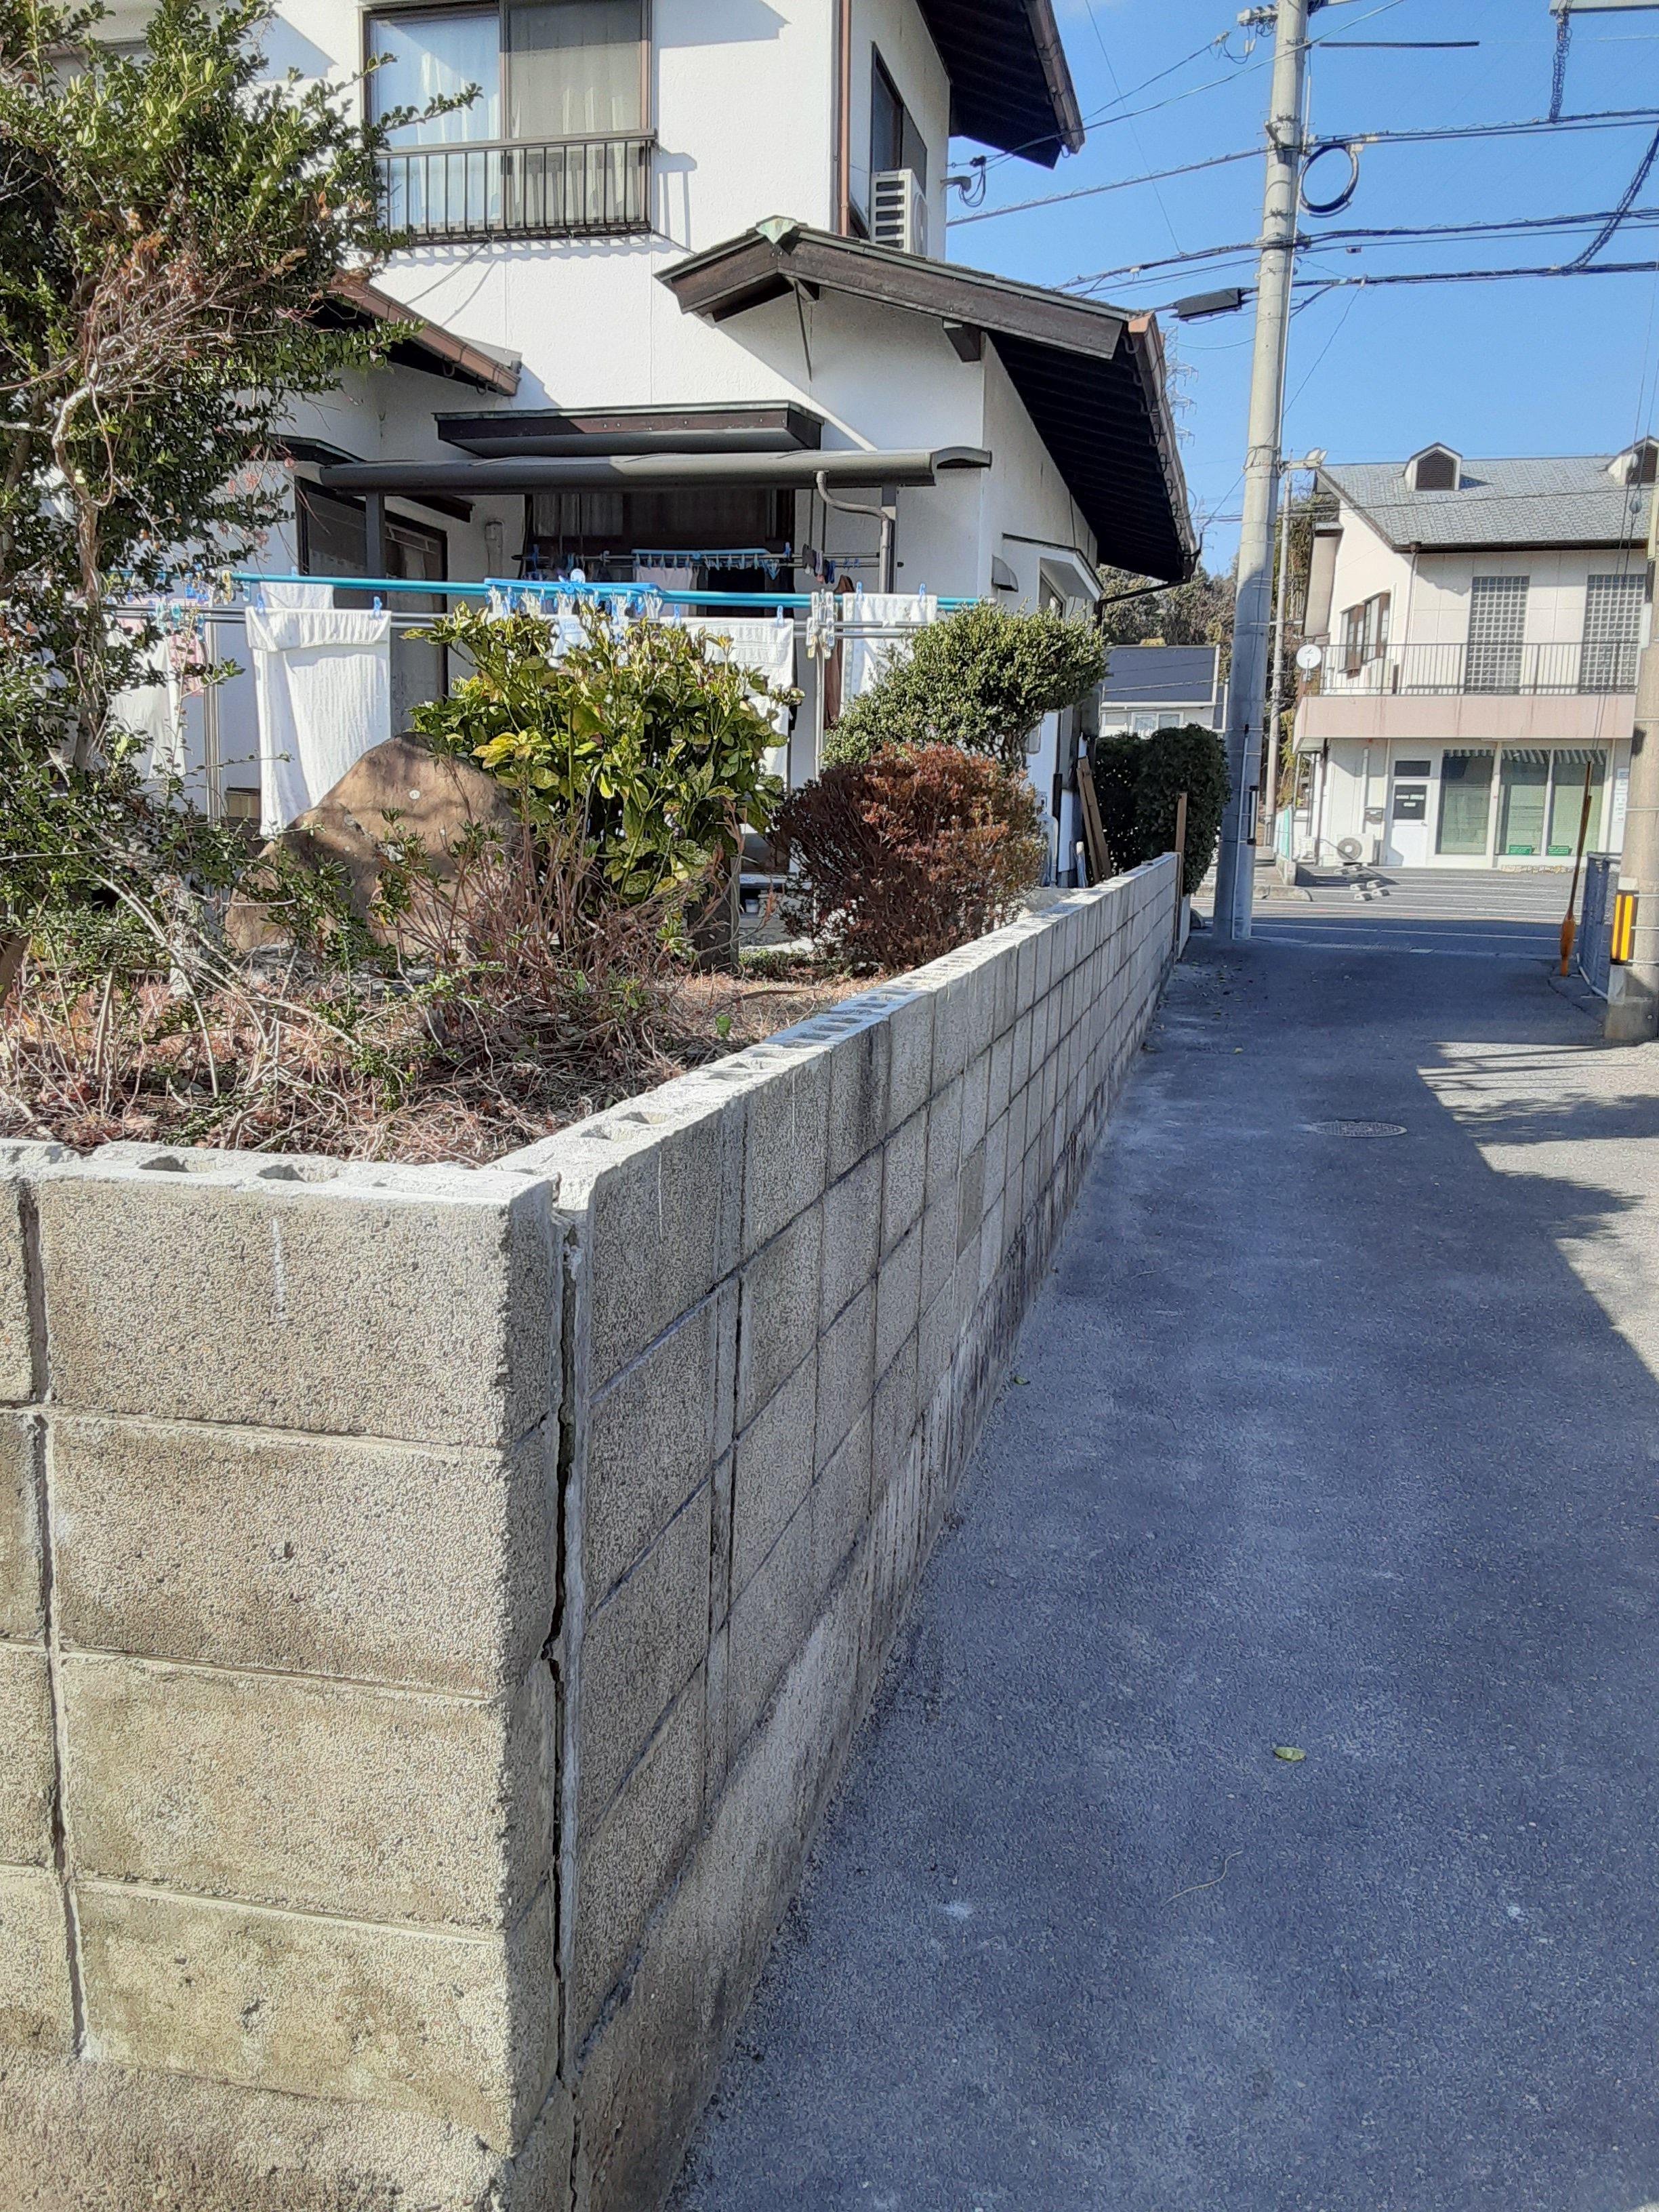 ギャラリーパティオのフェンス工事 及び ブロック塀補修工事の施工前の写真3